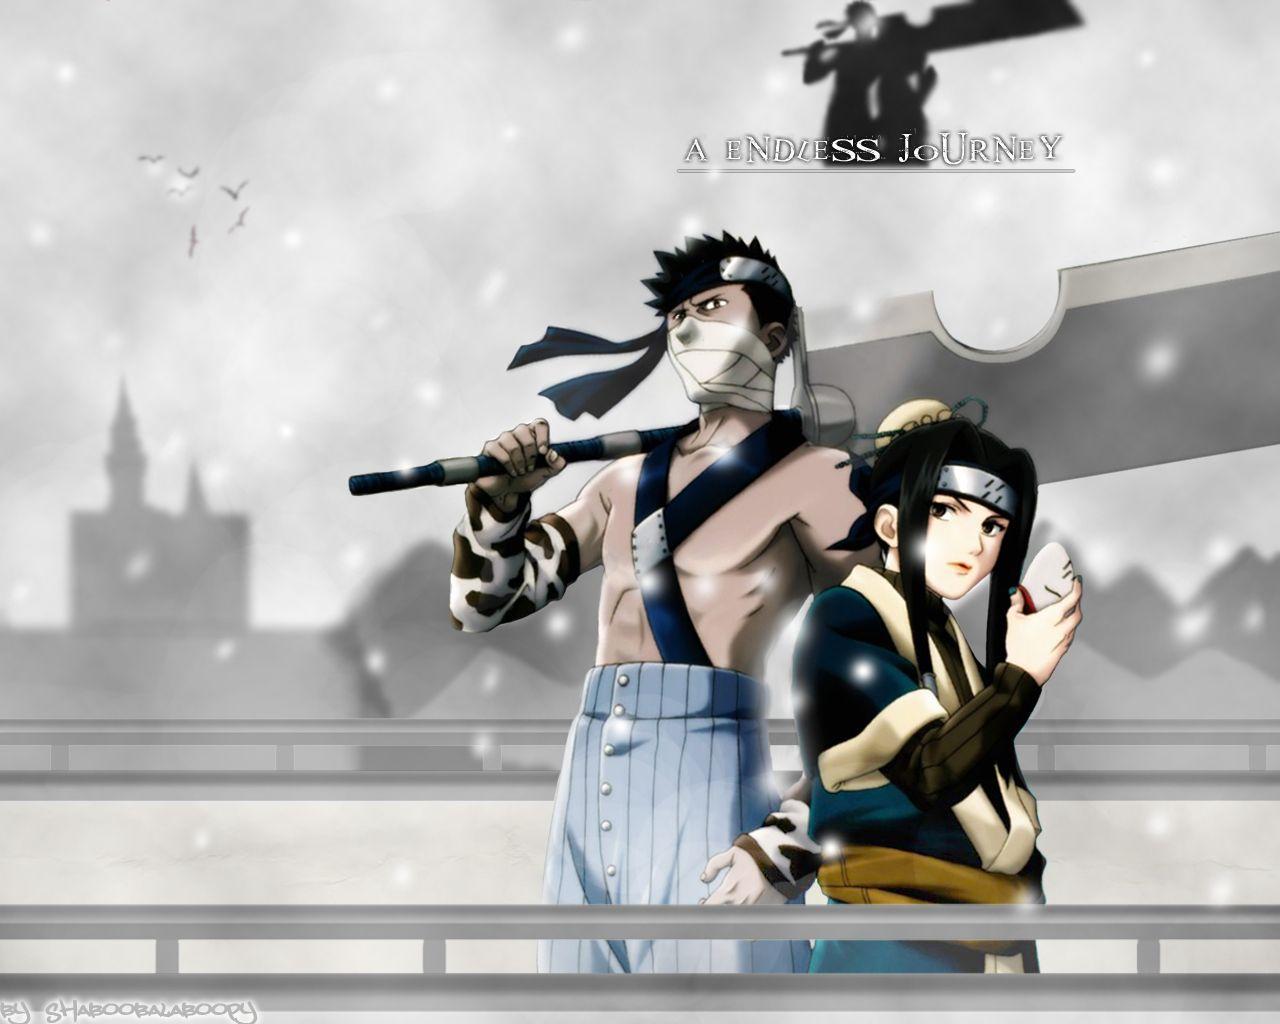 Zabuza And Haku Anime Naruto Wallpaper